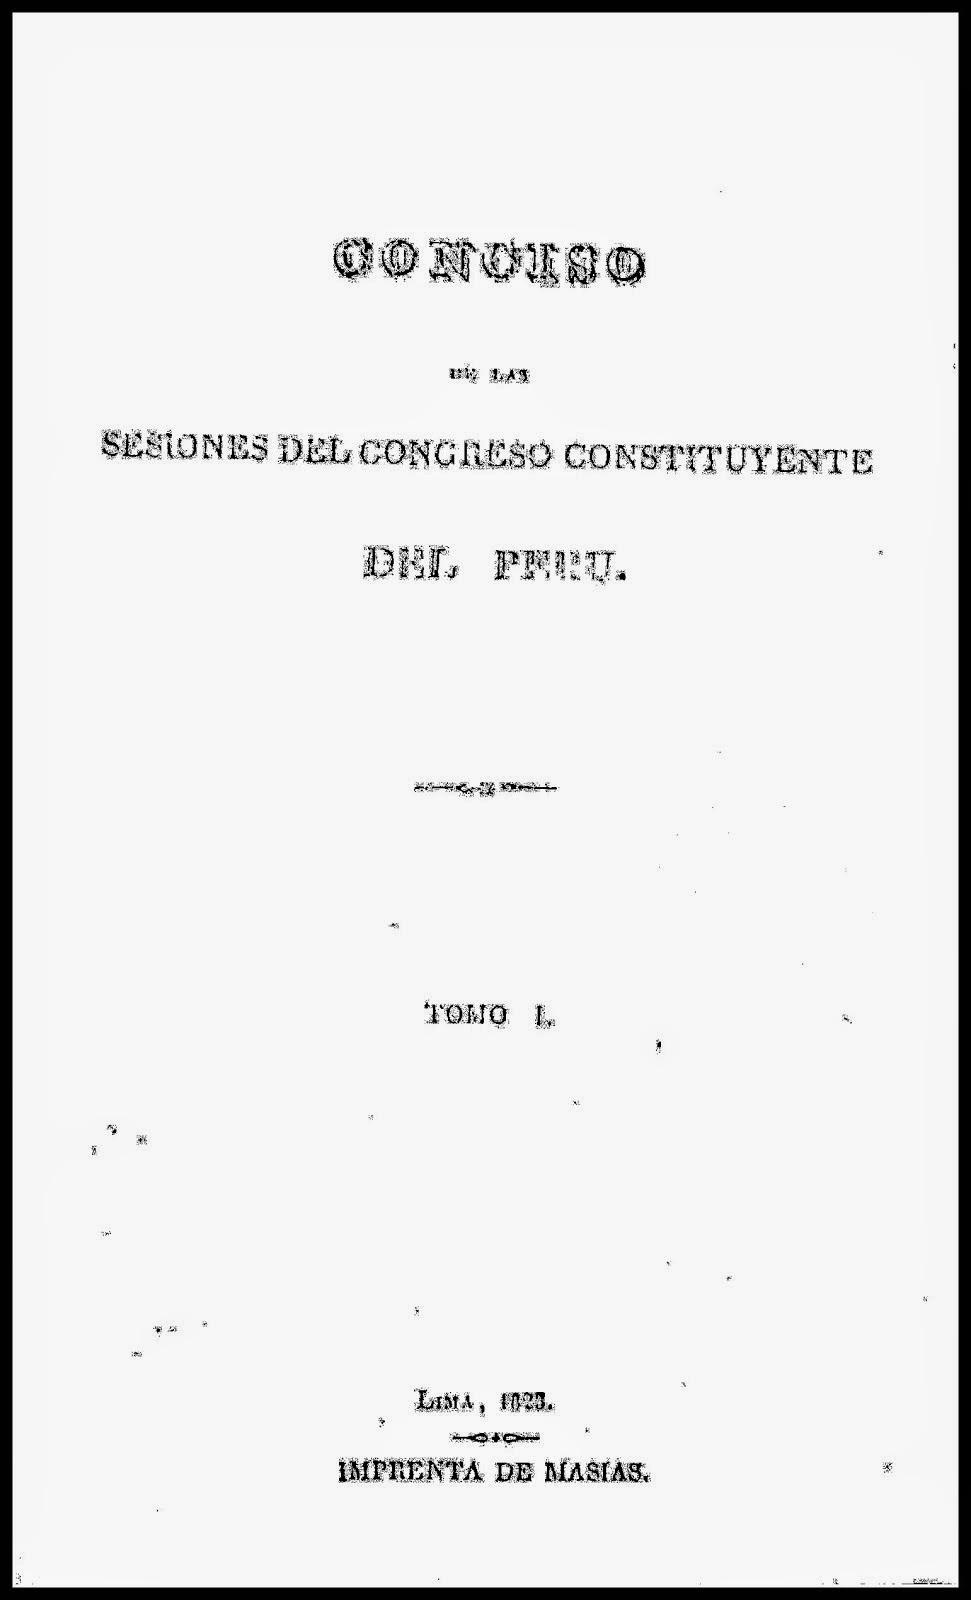 Conciso de las Sesiones del Congreso Constituyente del Perú. Lima, 1823.